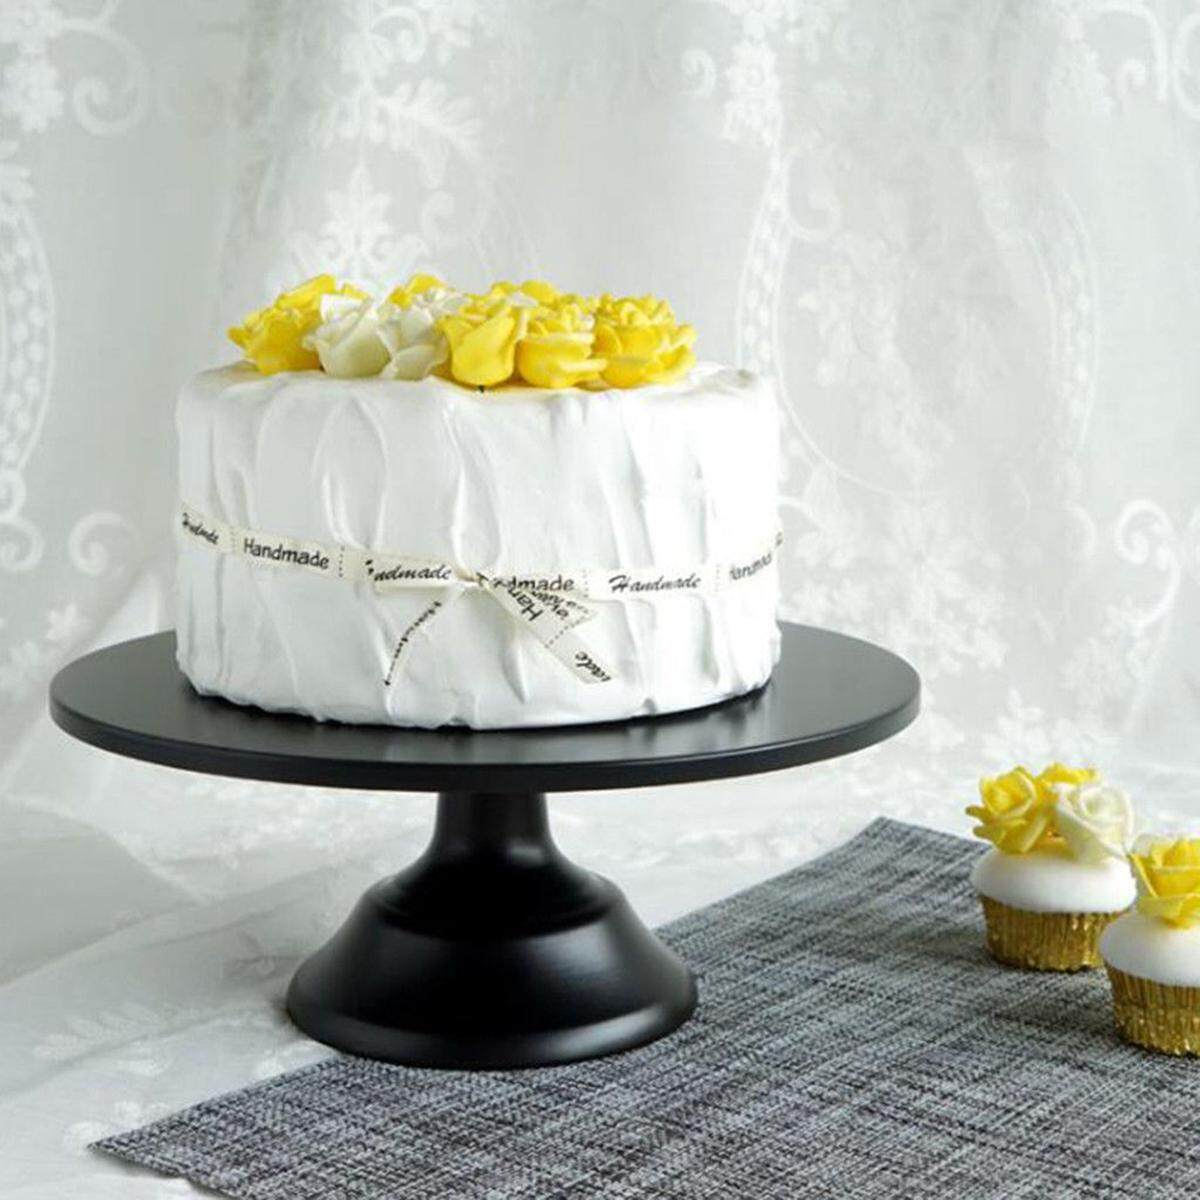 Round Cake Stand Pedestal Pink Dessert Holder Wedding Party Display 12 Inch By Moonbeam.